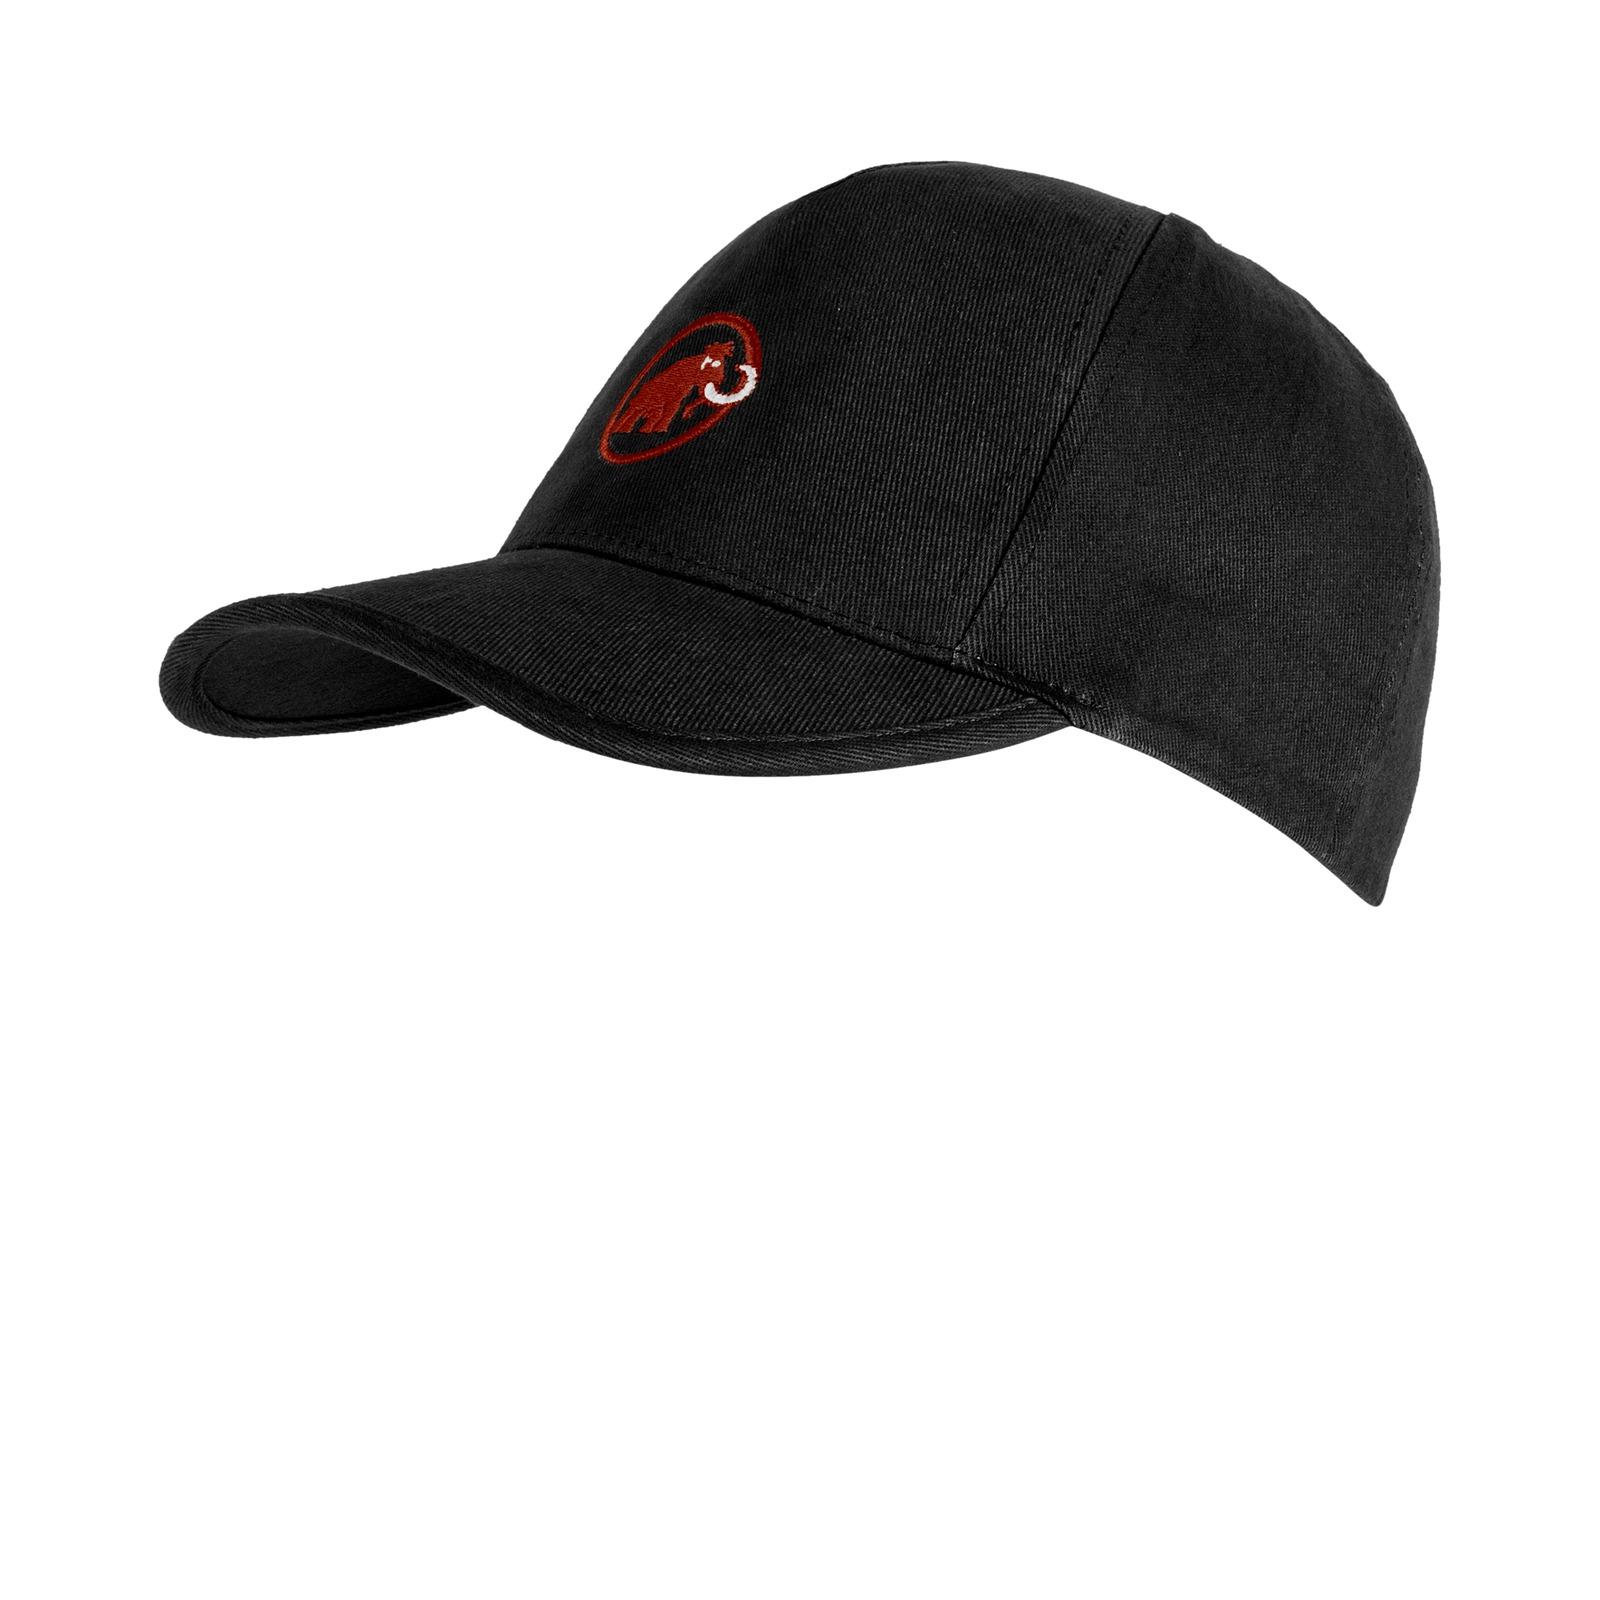 5787954eb Mammut Baseball Cap čierna -30% | Športové oblečenie a športové ...